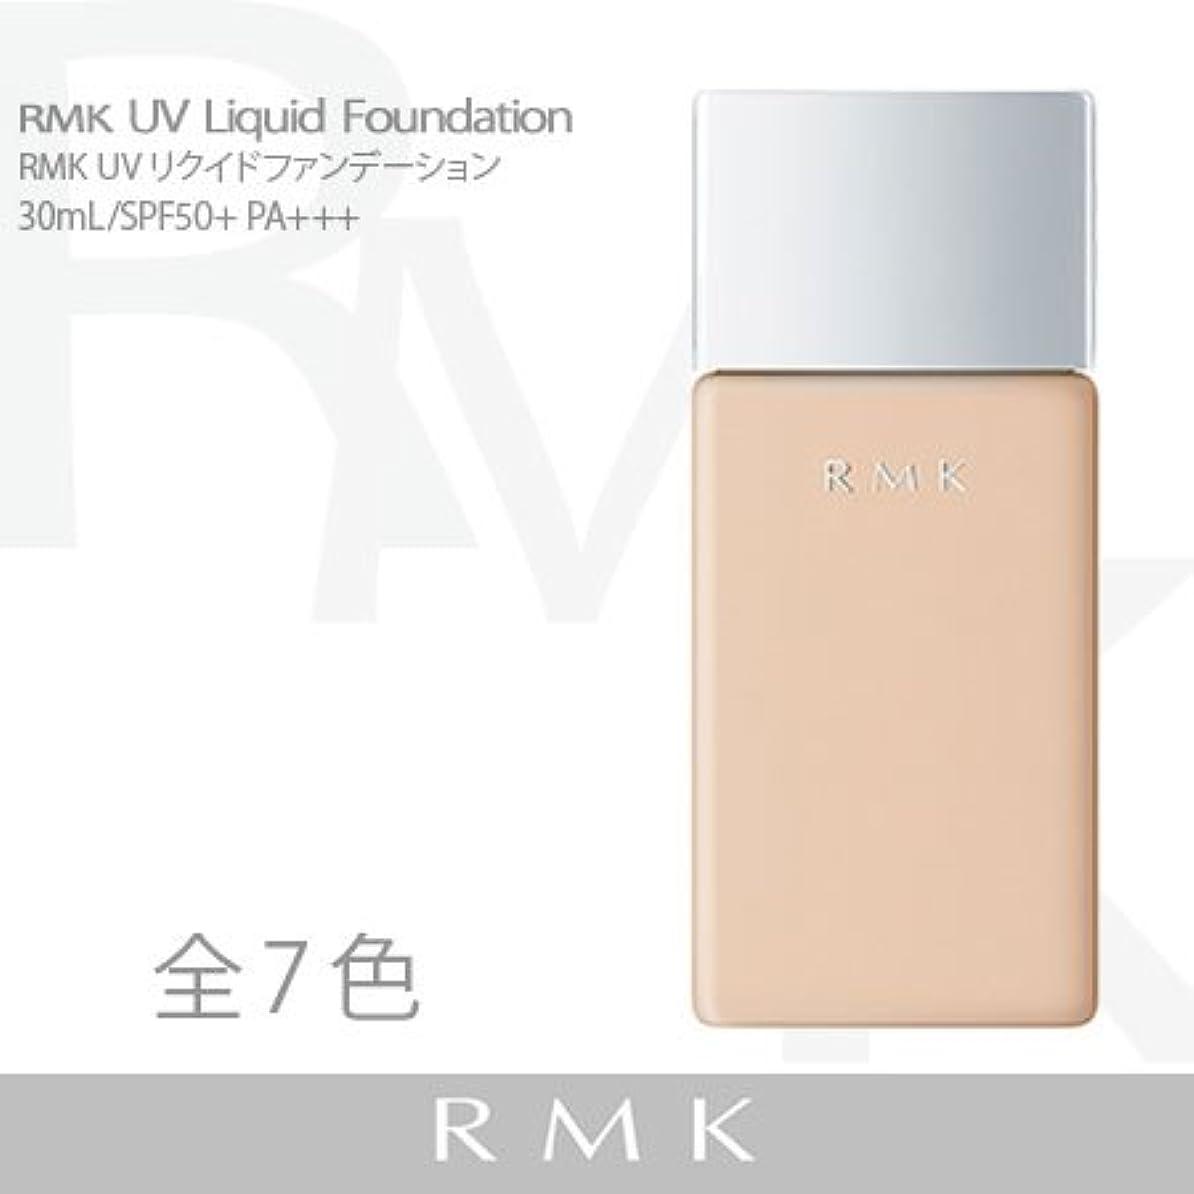 令状尊厳禁じる【RMK (ルミコ)】UVリクイドファンデーション #104 30ml